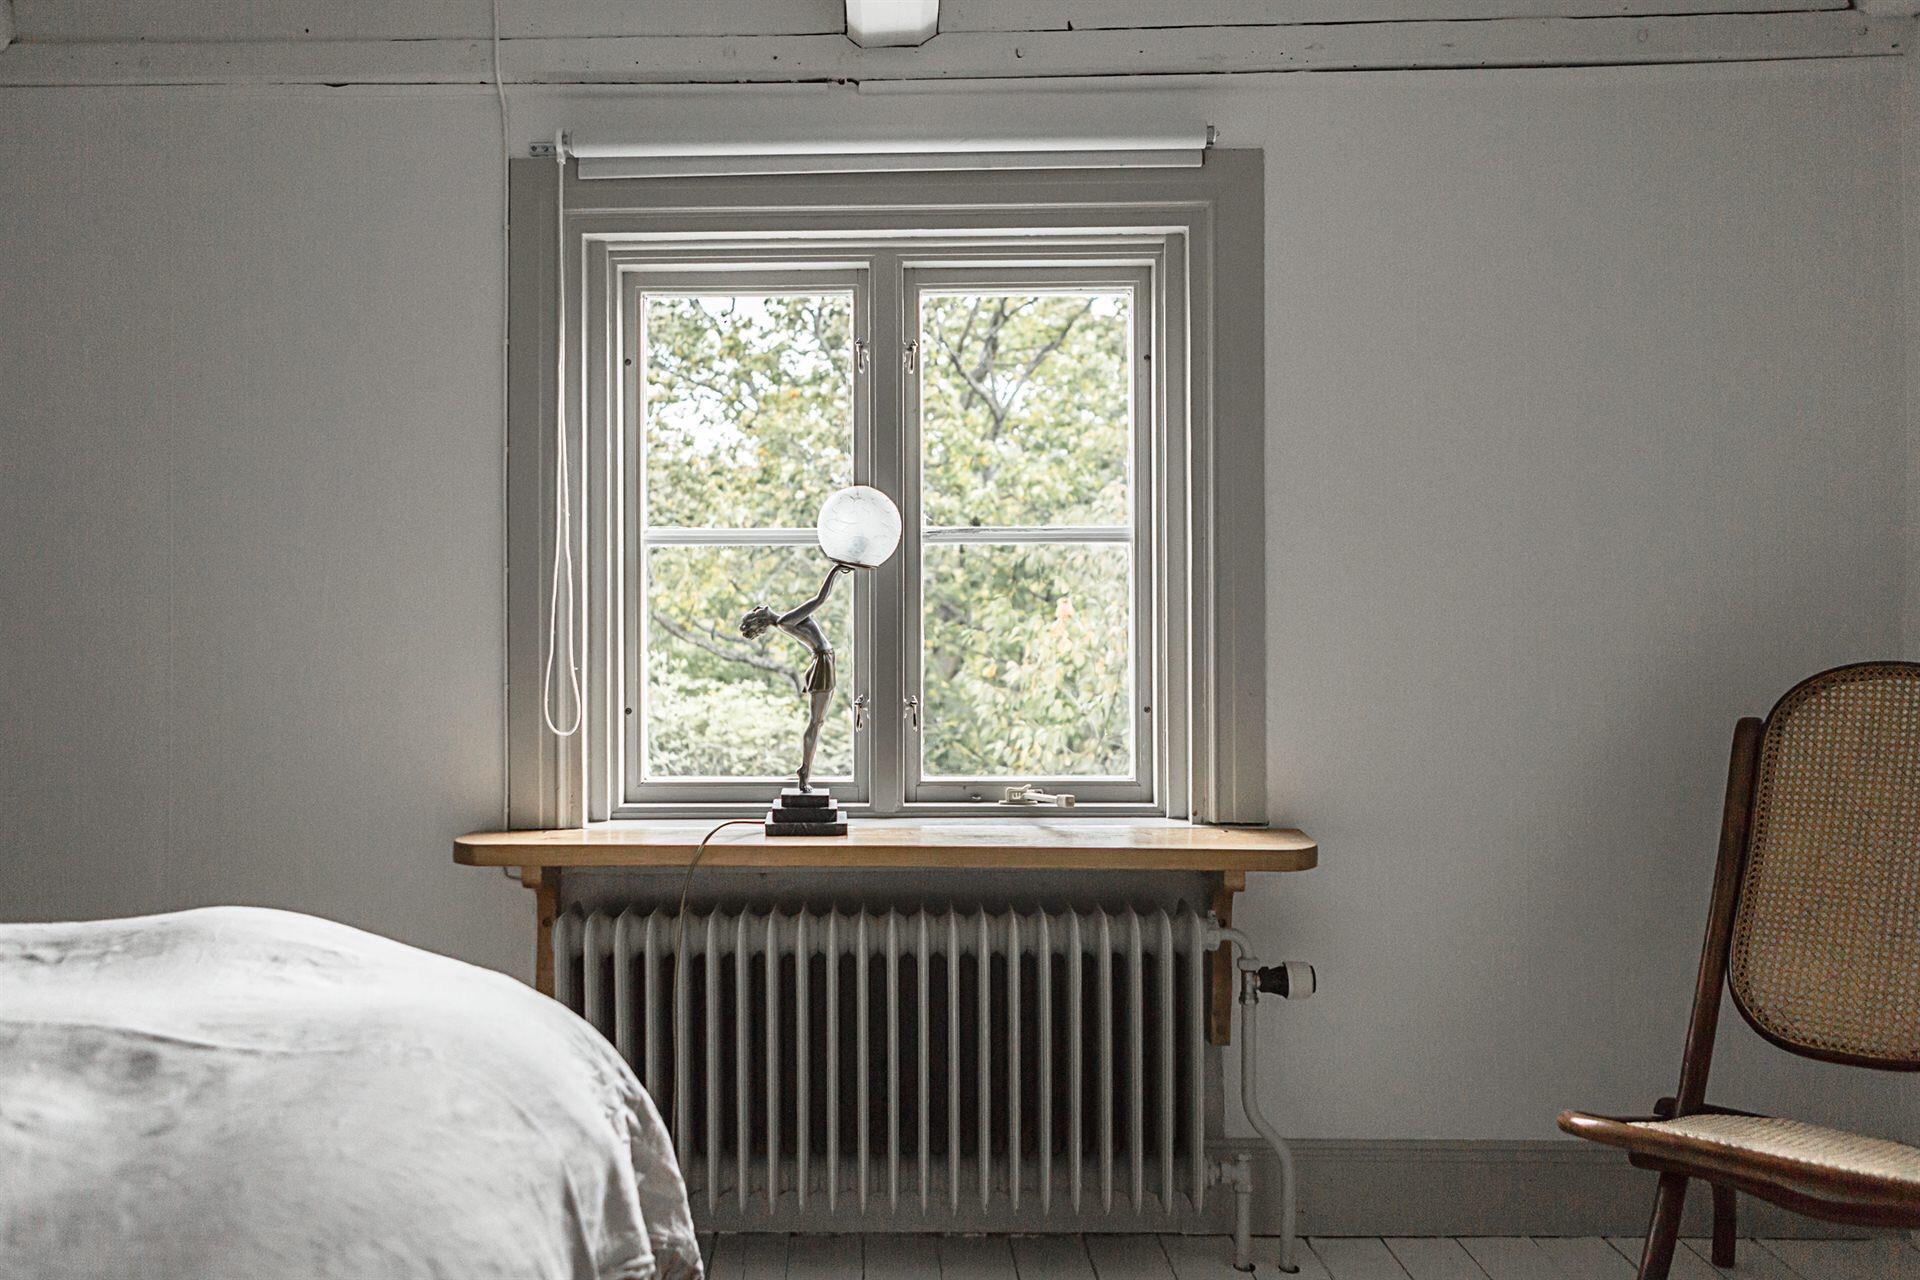 спальня окно подоконник радиатор отопления лампа